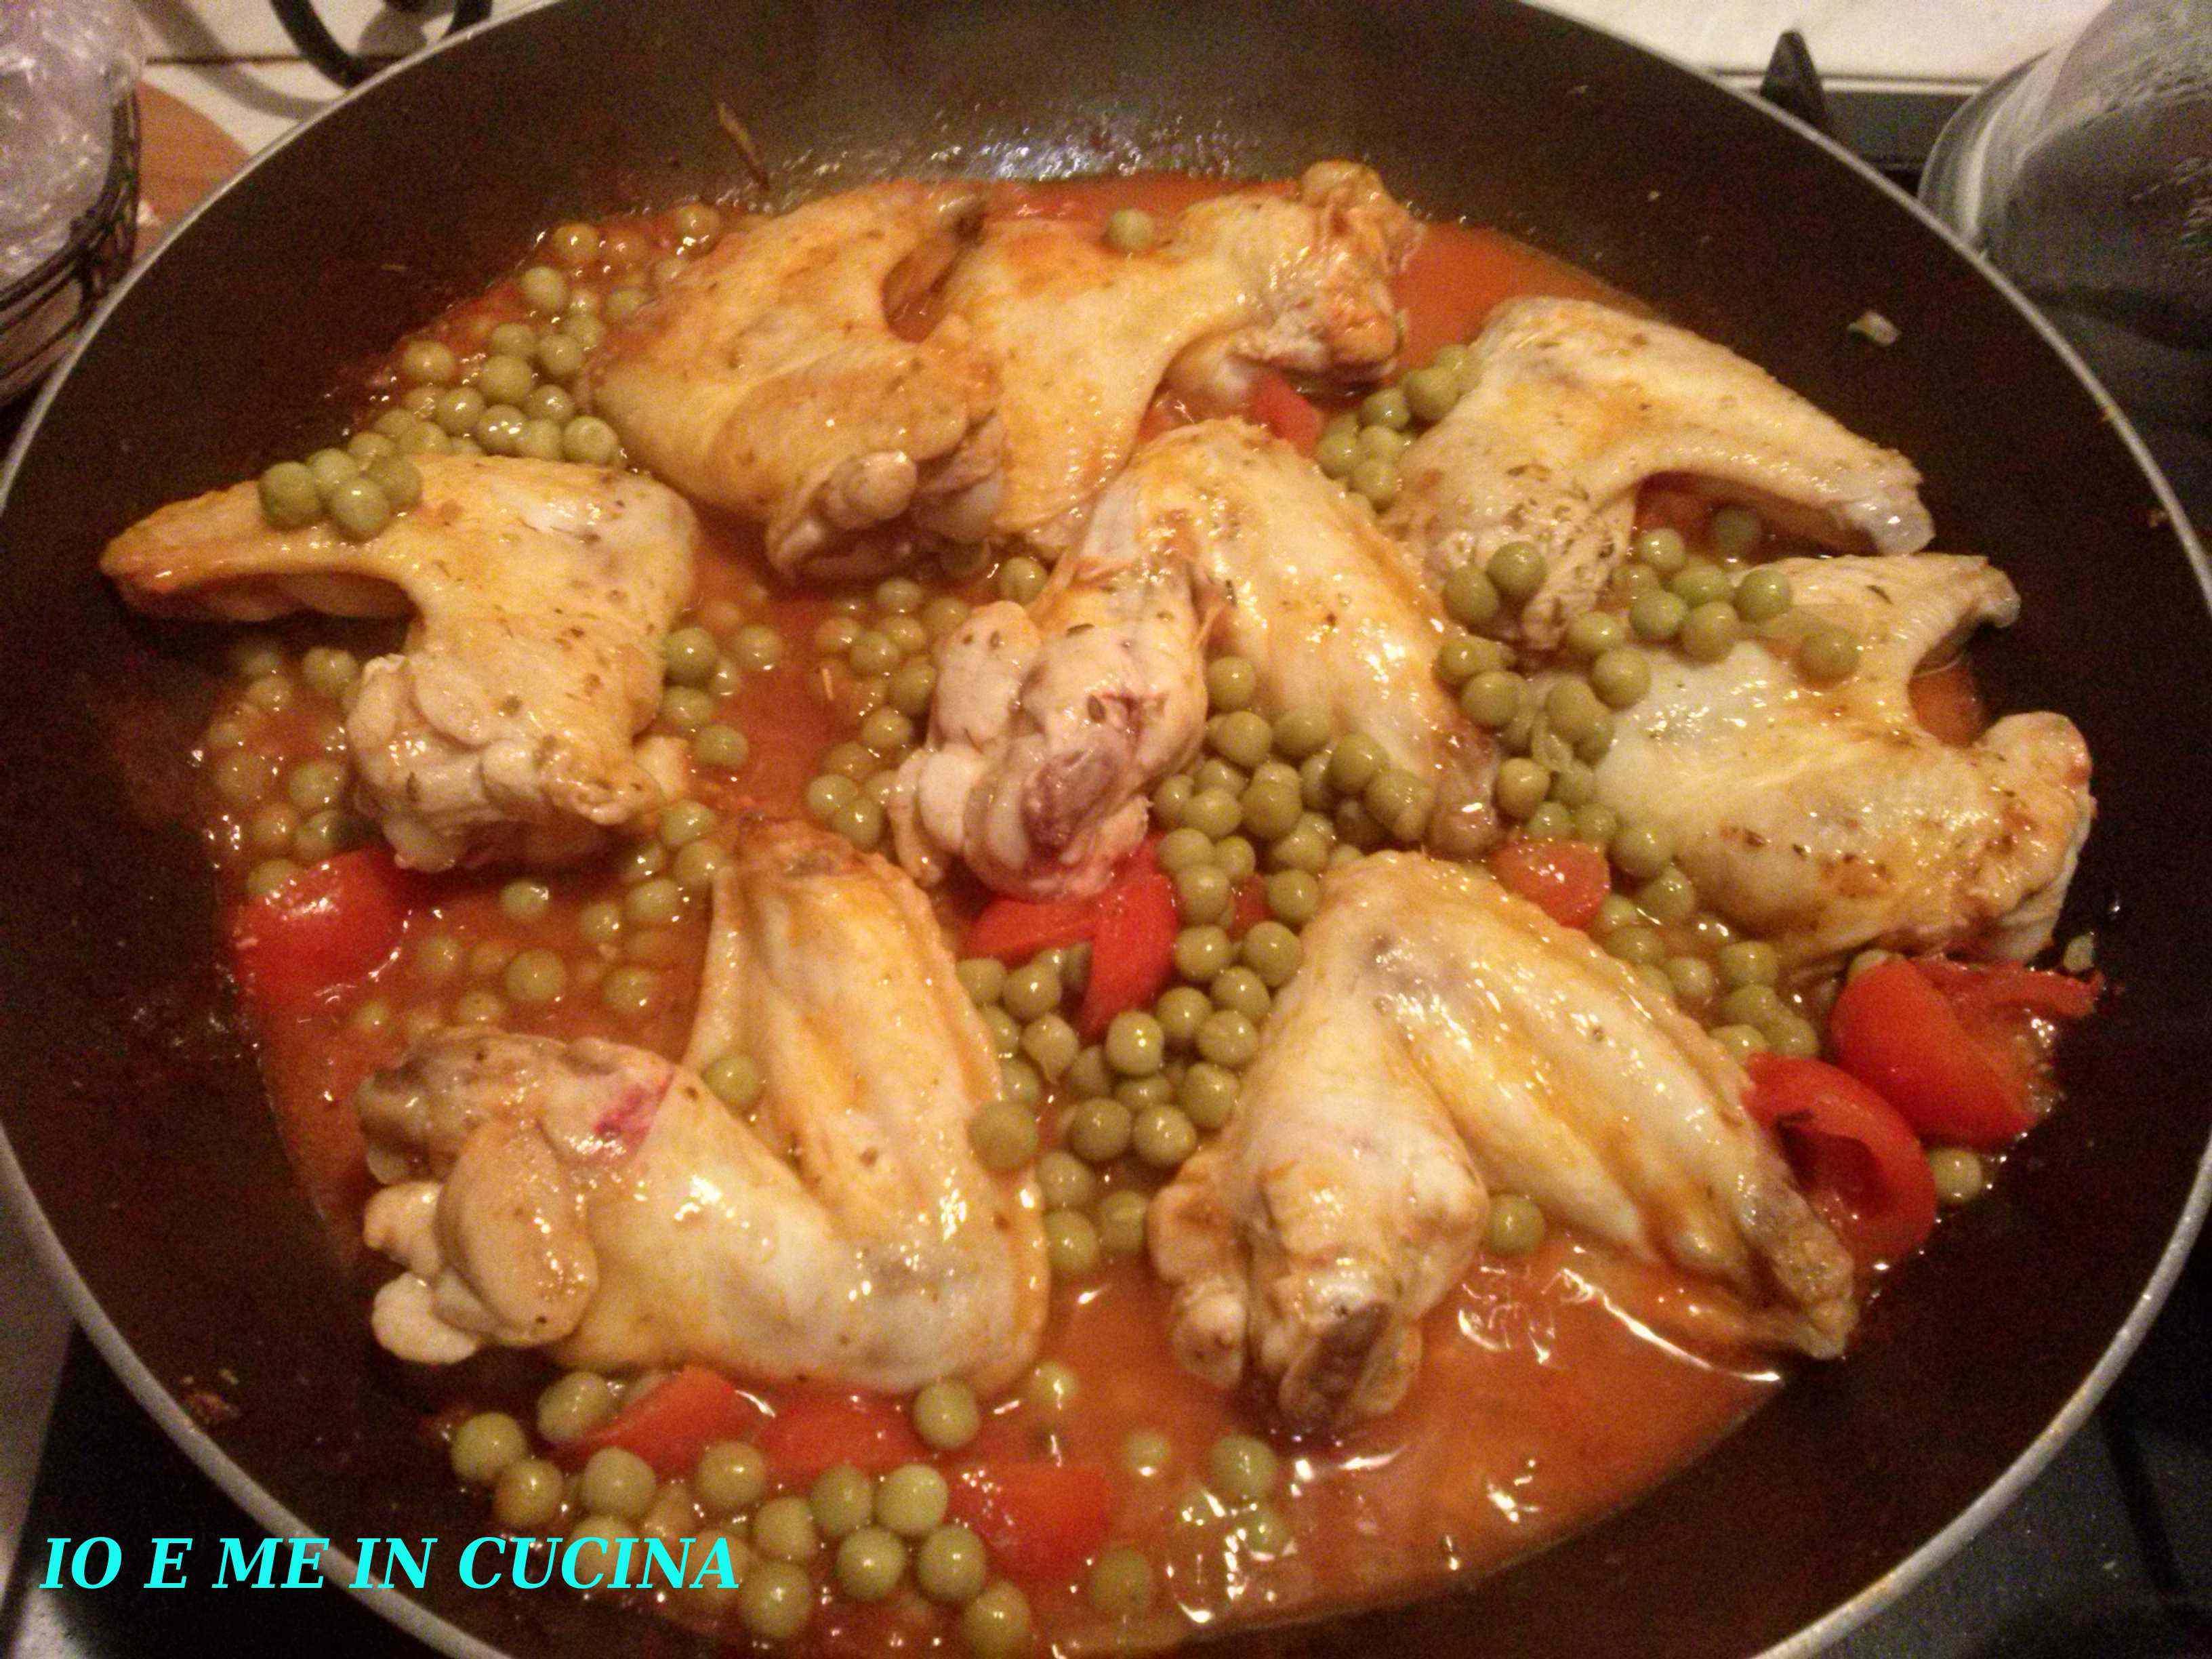 Alette di pollo con pomodorini e piselli